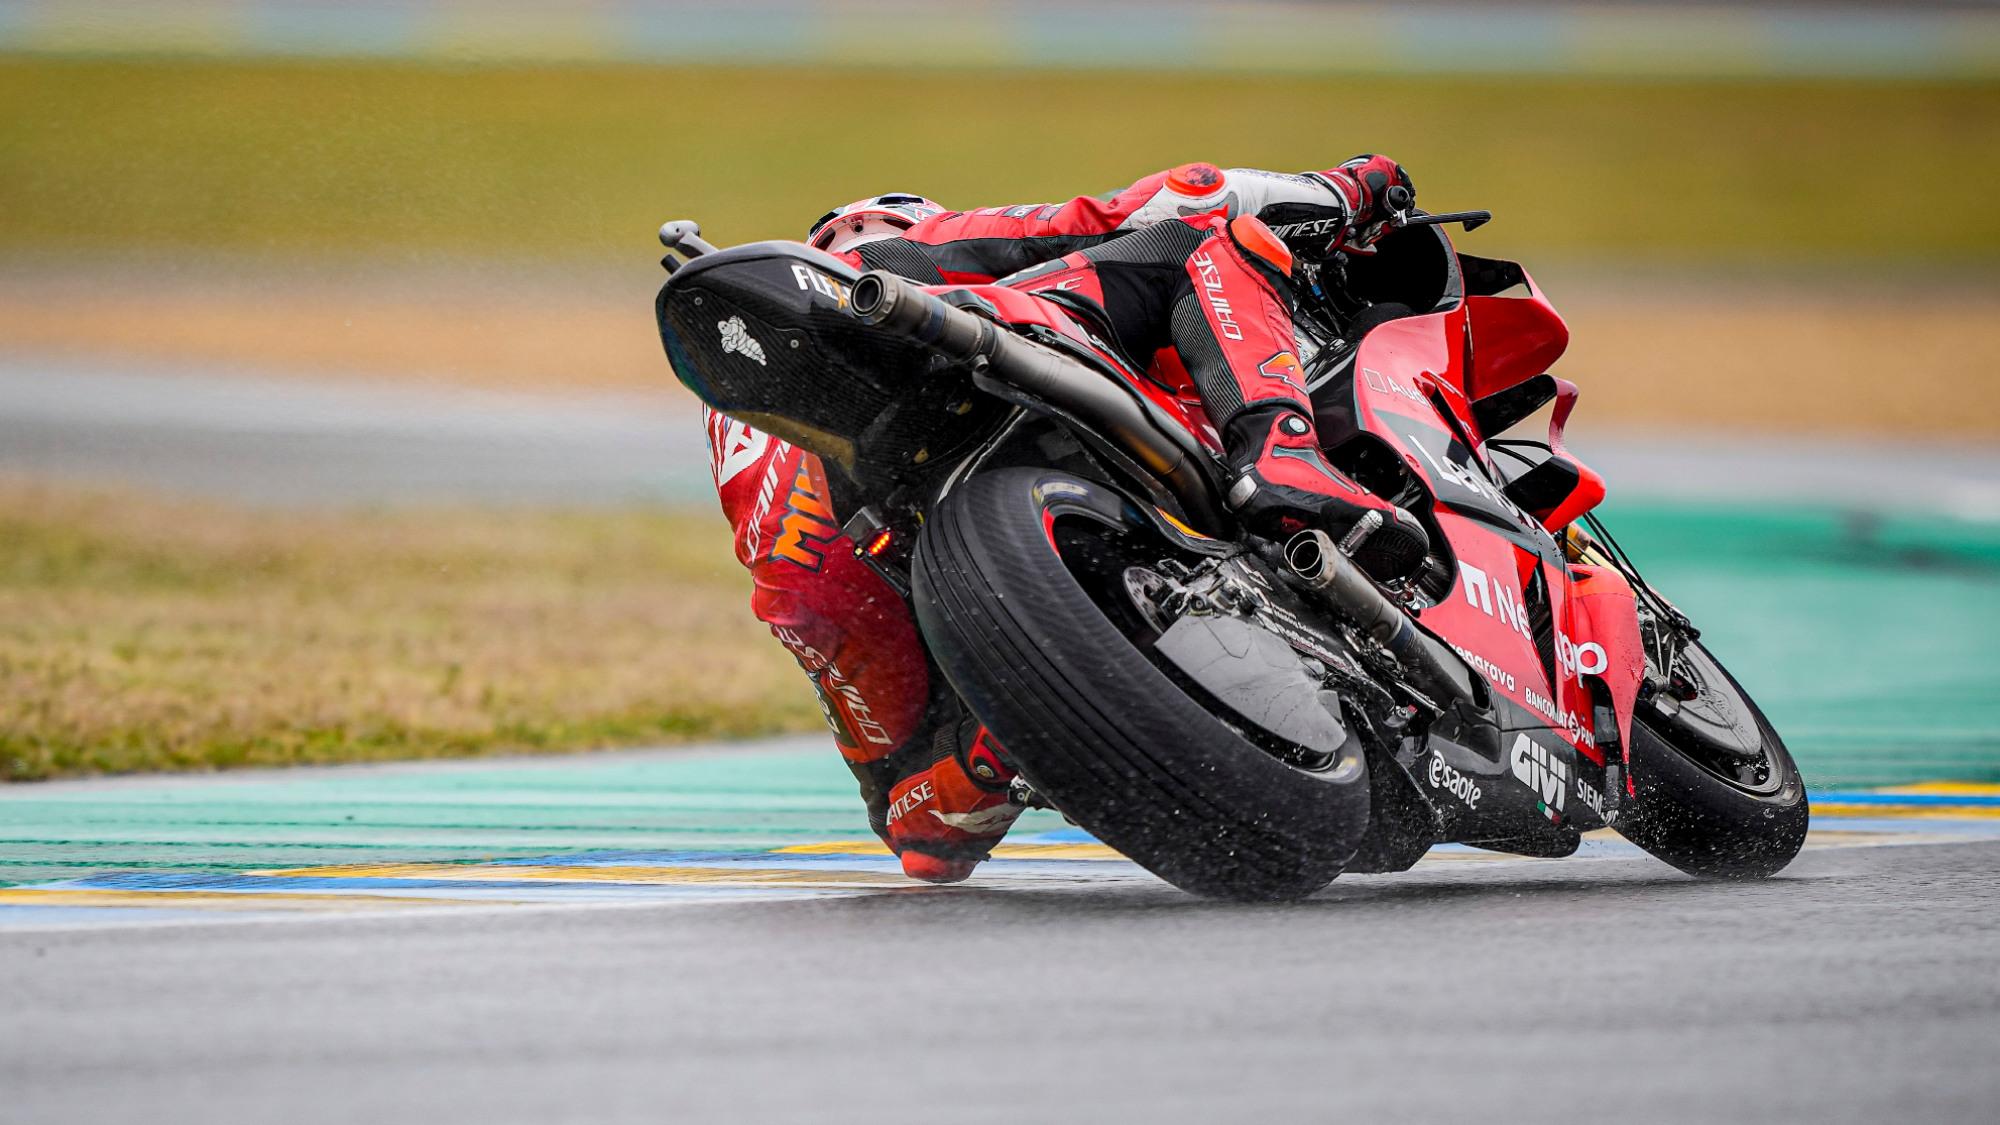 Jack Miller, 2021 MotoGP Le Mans